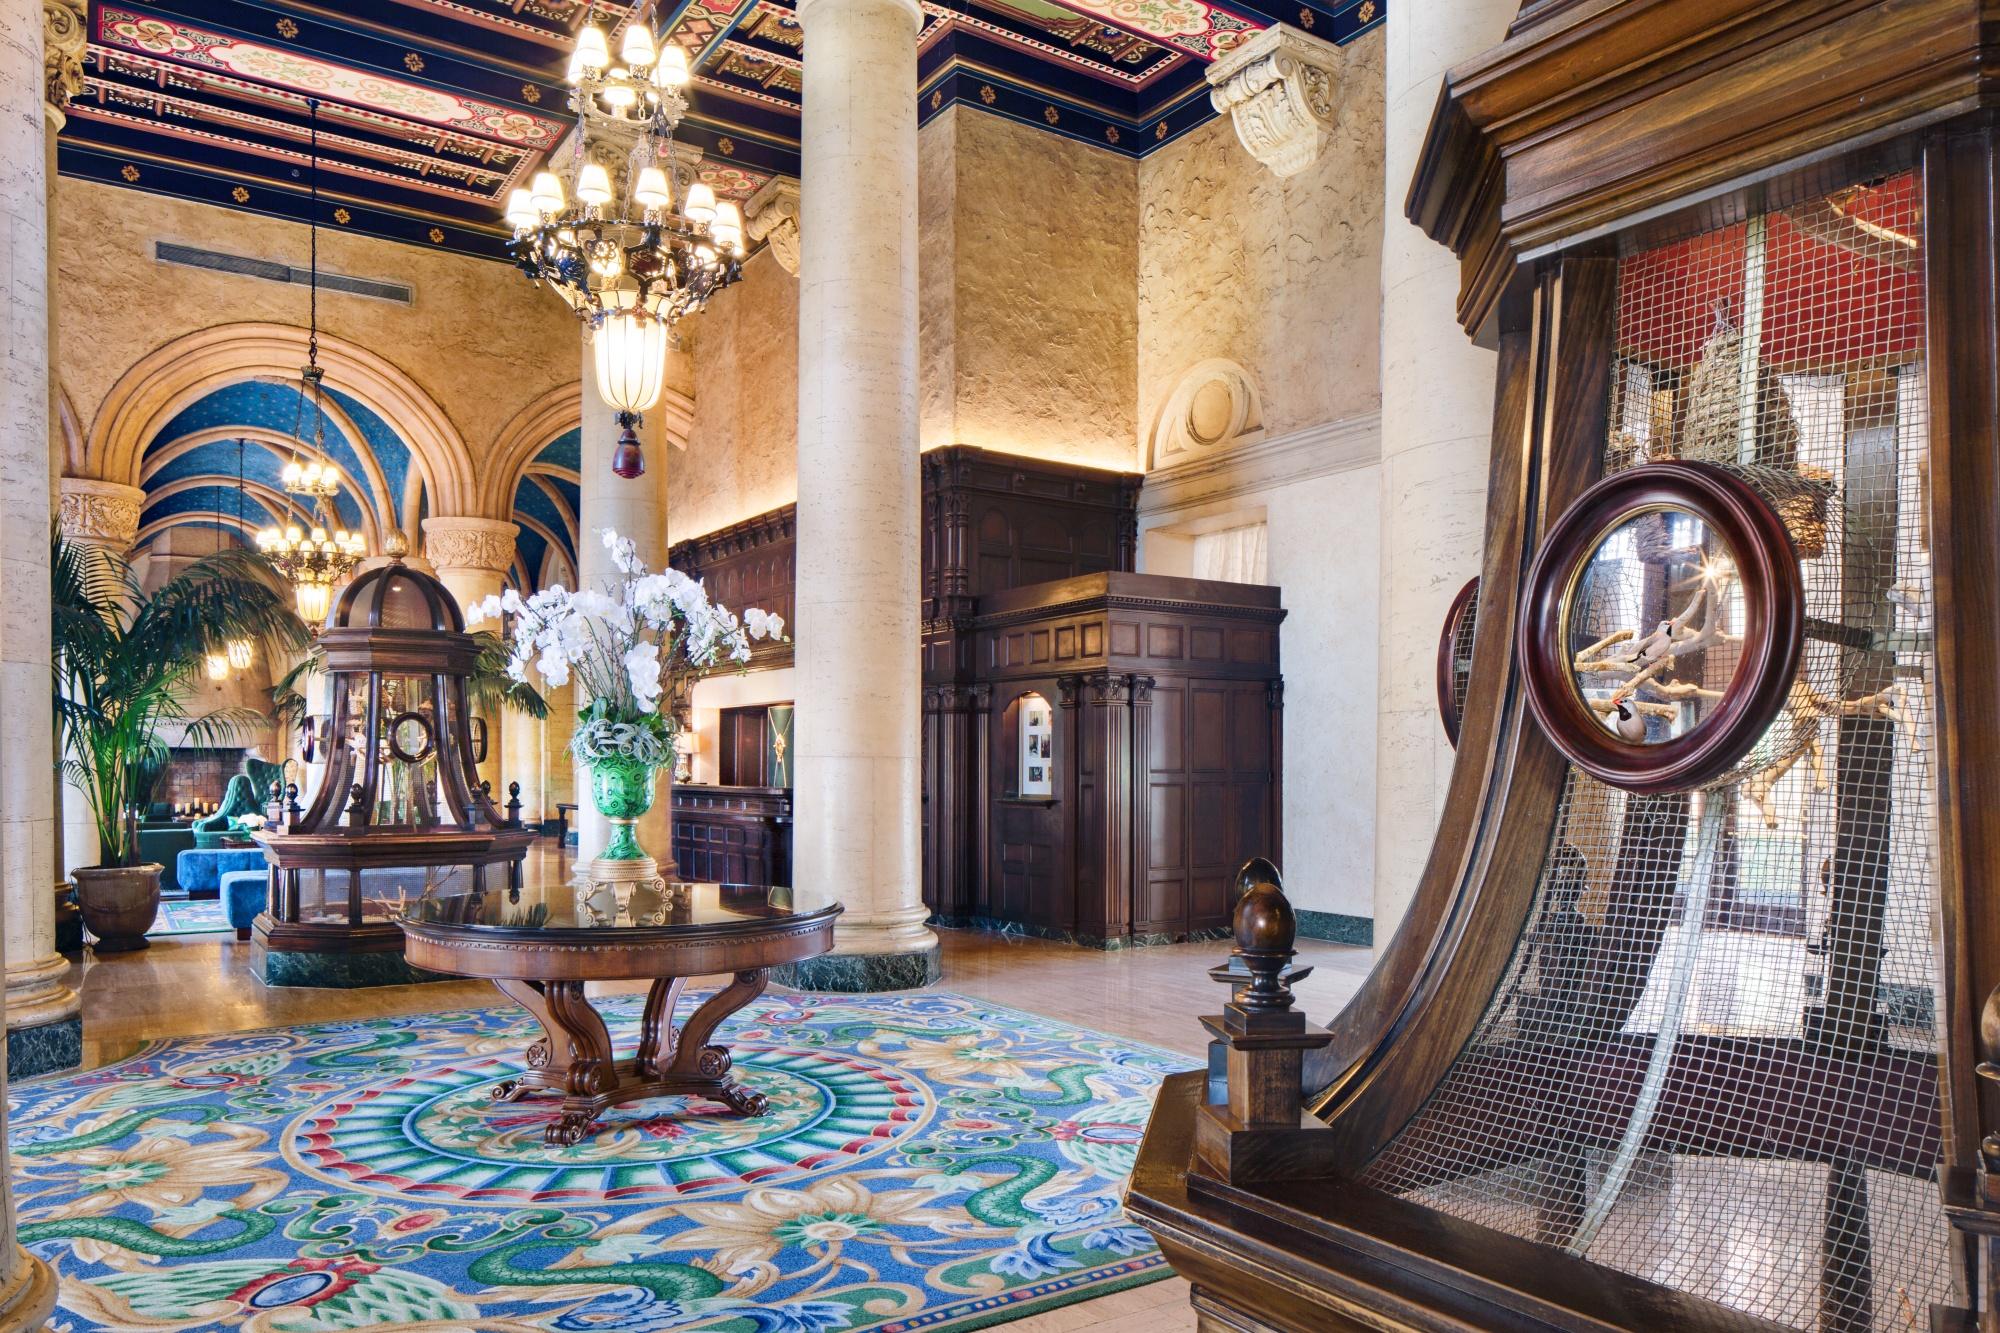 Biltmore Hotel 1920s Miami Glam